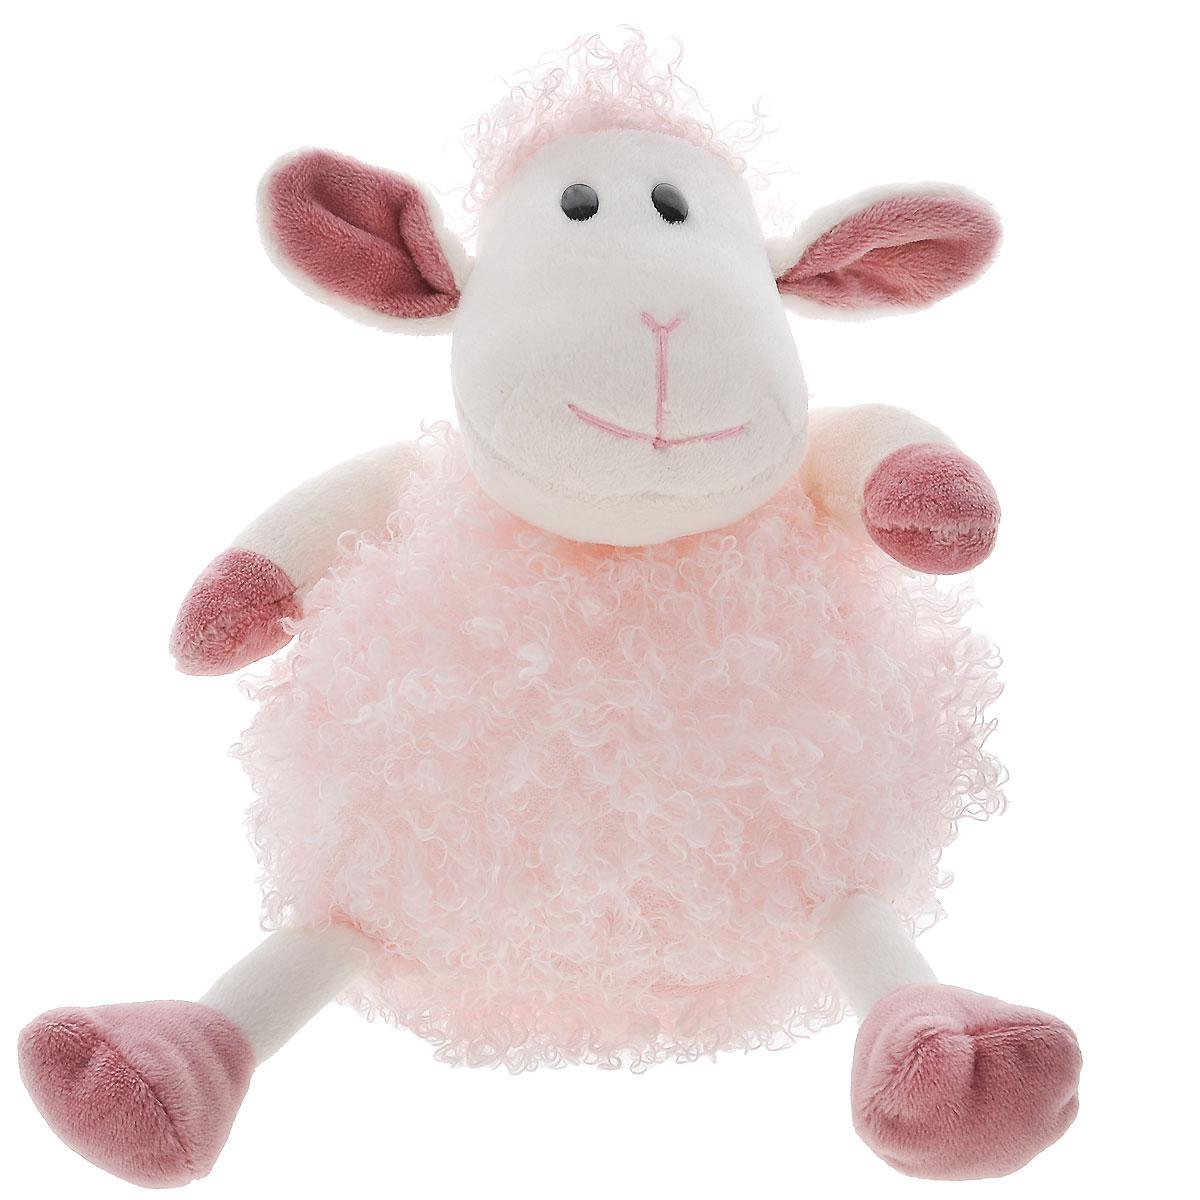 Plush Apple Мягкая игрушка Овечка Милашка, 18 смK31294AМягкая игрушка Овечка Милашка от Plush Apple, выполненная в виде забавной овечки розового цвета, очарует вашу малышку и доставит ей радость. Игрушка изготовлена из безопасных текстильных материалов, в качестве наполнителя использованы синтетические волокна с добавлением специальных пластиковых гранул. Овечка по имени Милашка станет оригинальным подарком для каждой девочки. Мягкая игрушка способствует развитию воображения и тактильной чувствительности у детей.